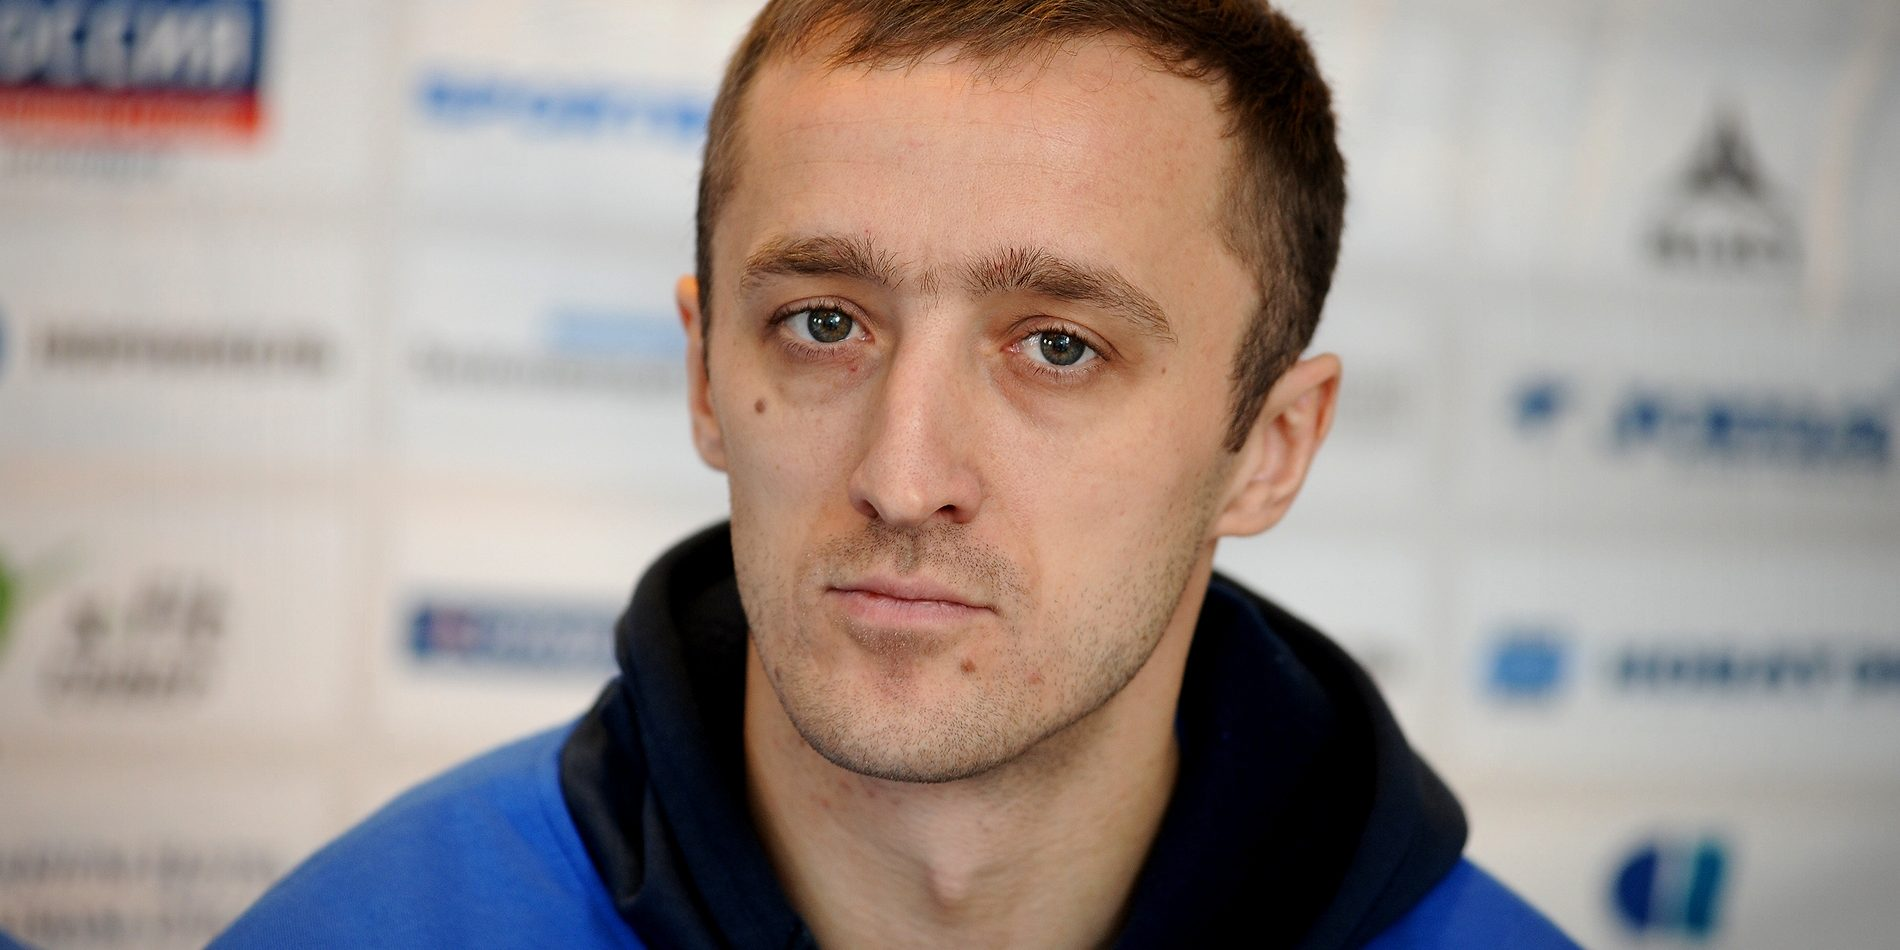 Херсонский «Продэксим» начинает сотрудничество с экс-игроком «Локомотива»